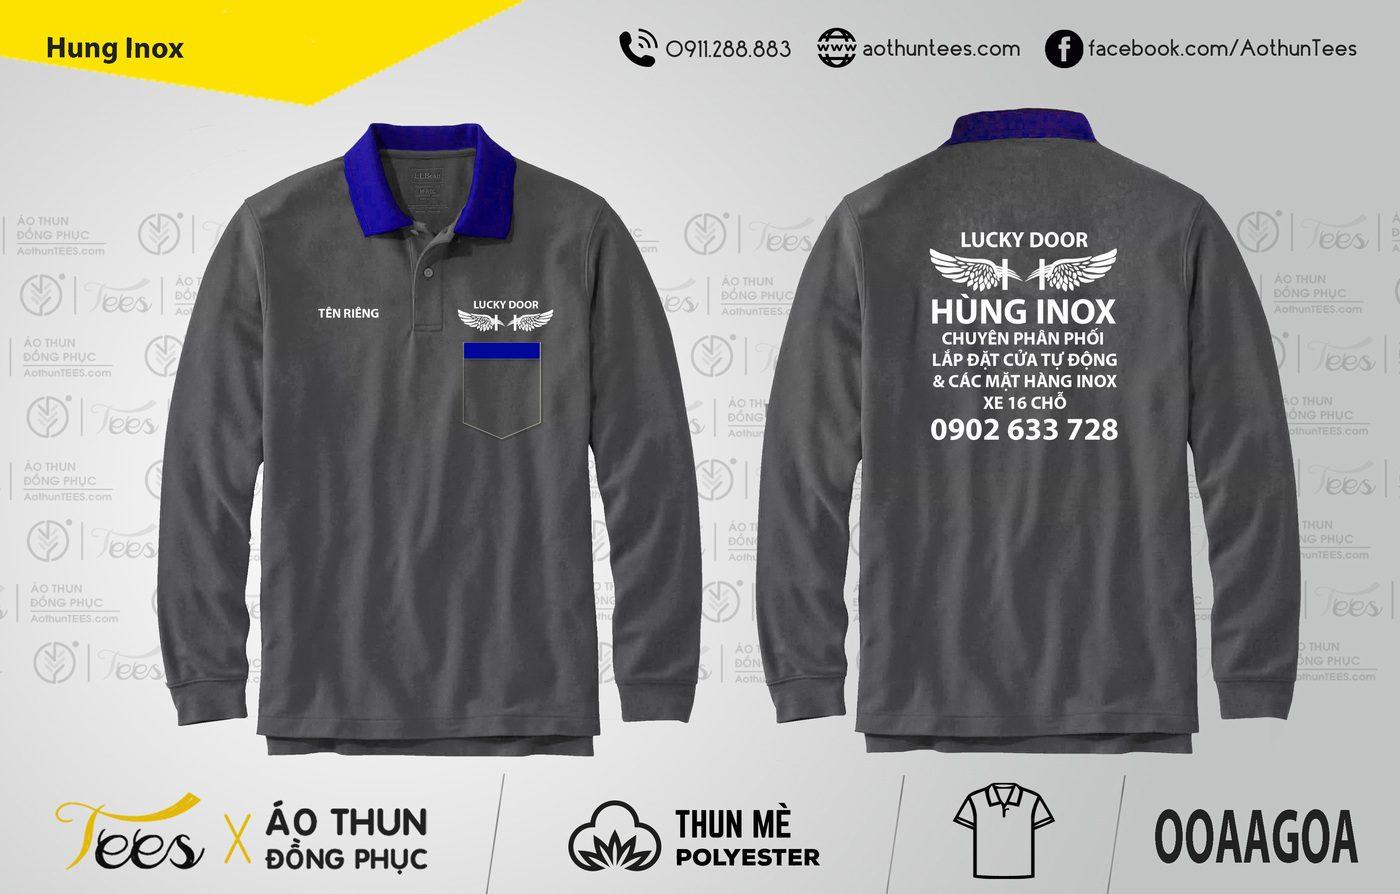 197. Hung Inox - Áo thun đồng phục Cửa hàng Hùng Inox